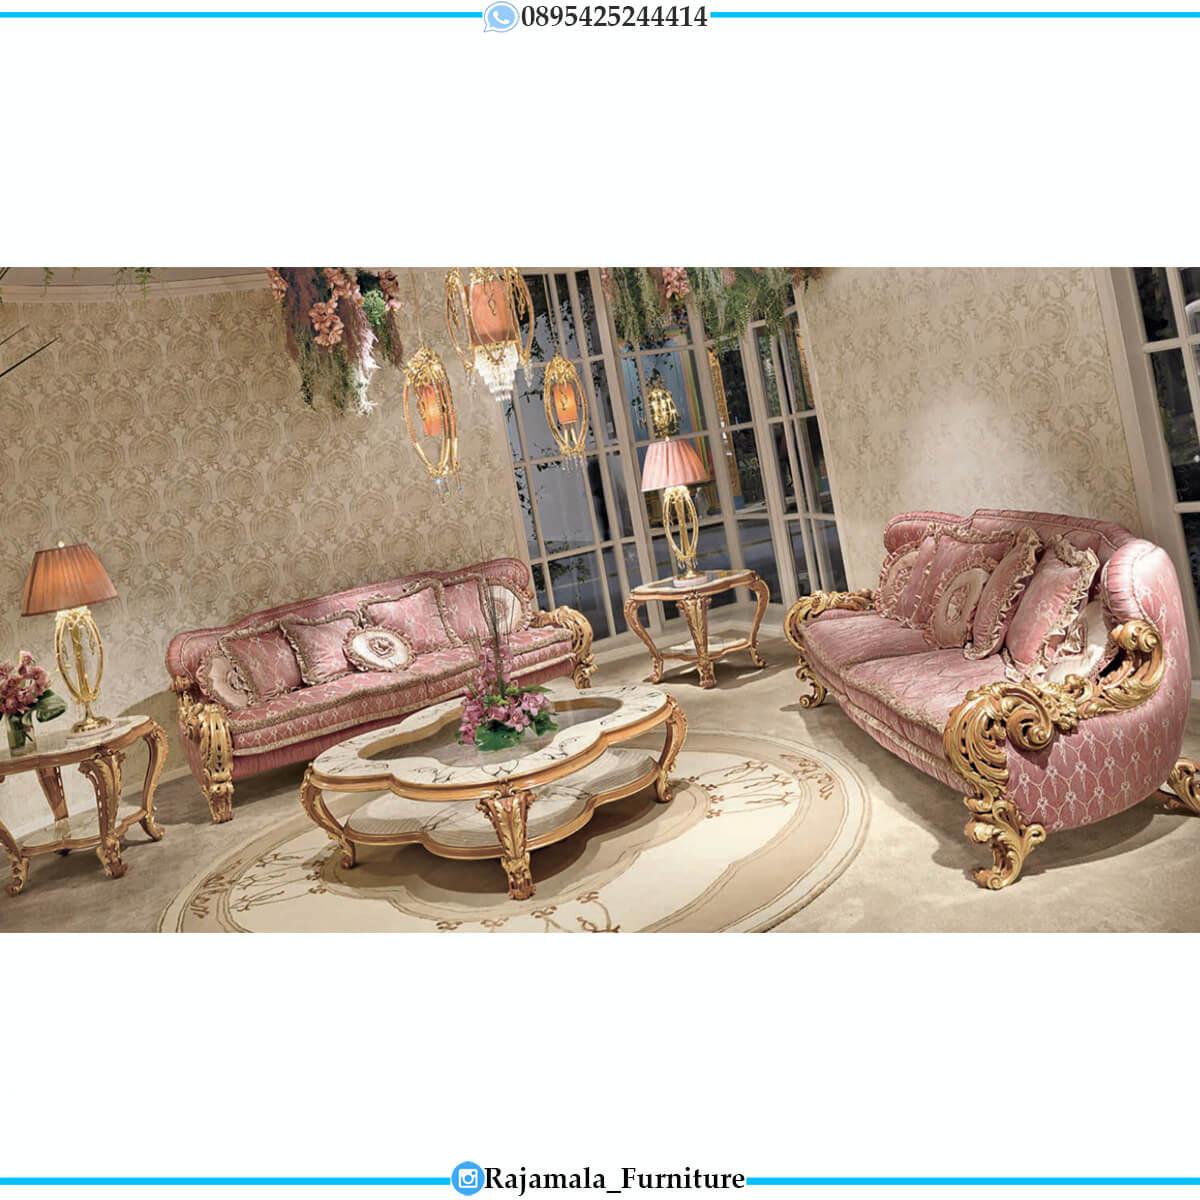 Sofa Tamu Mewah Ukiran Jepara Italian Baroque Style Elegant Golden Color RM-0746